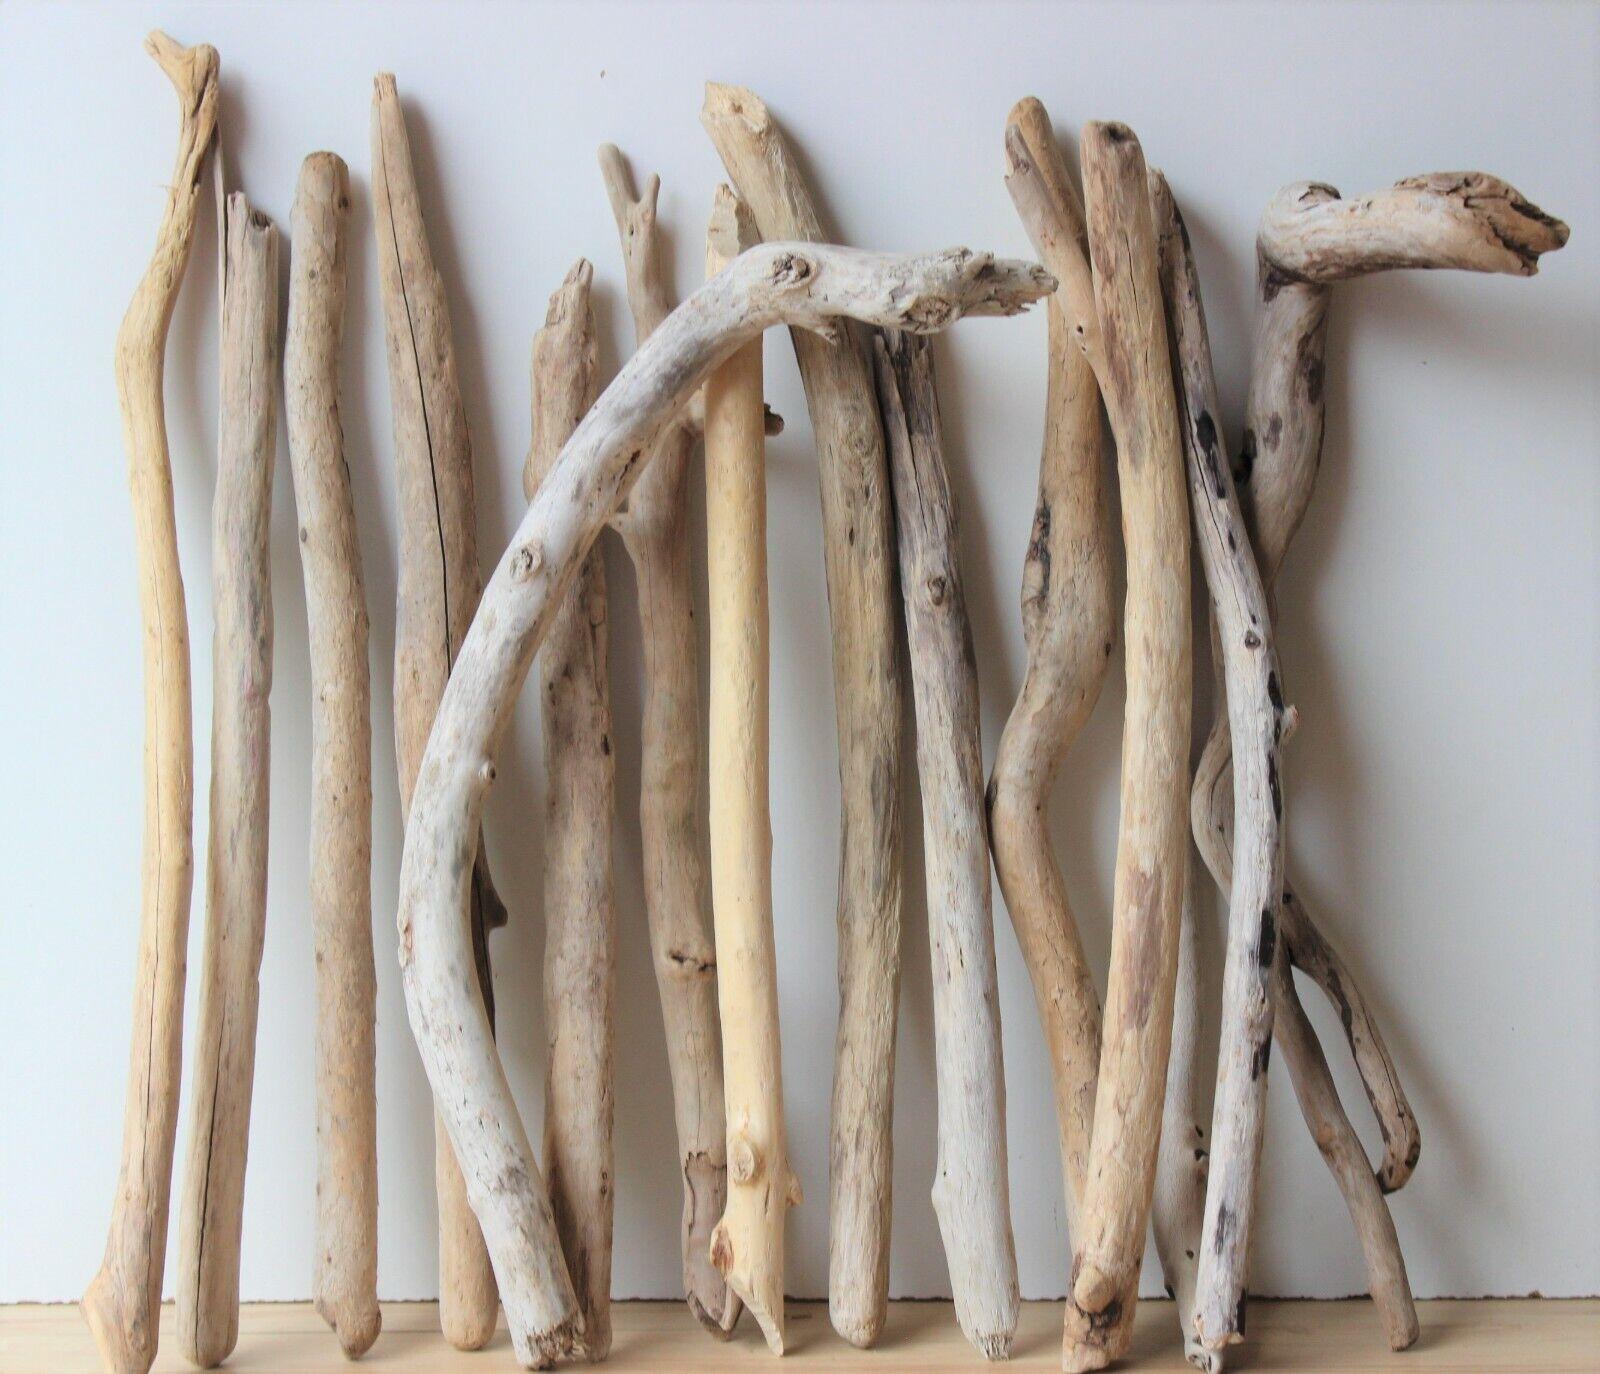 Einzigartige Treibholz-Lampen zum selber bauen